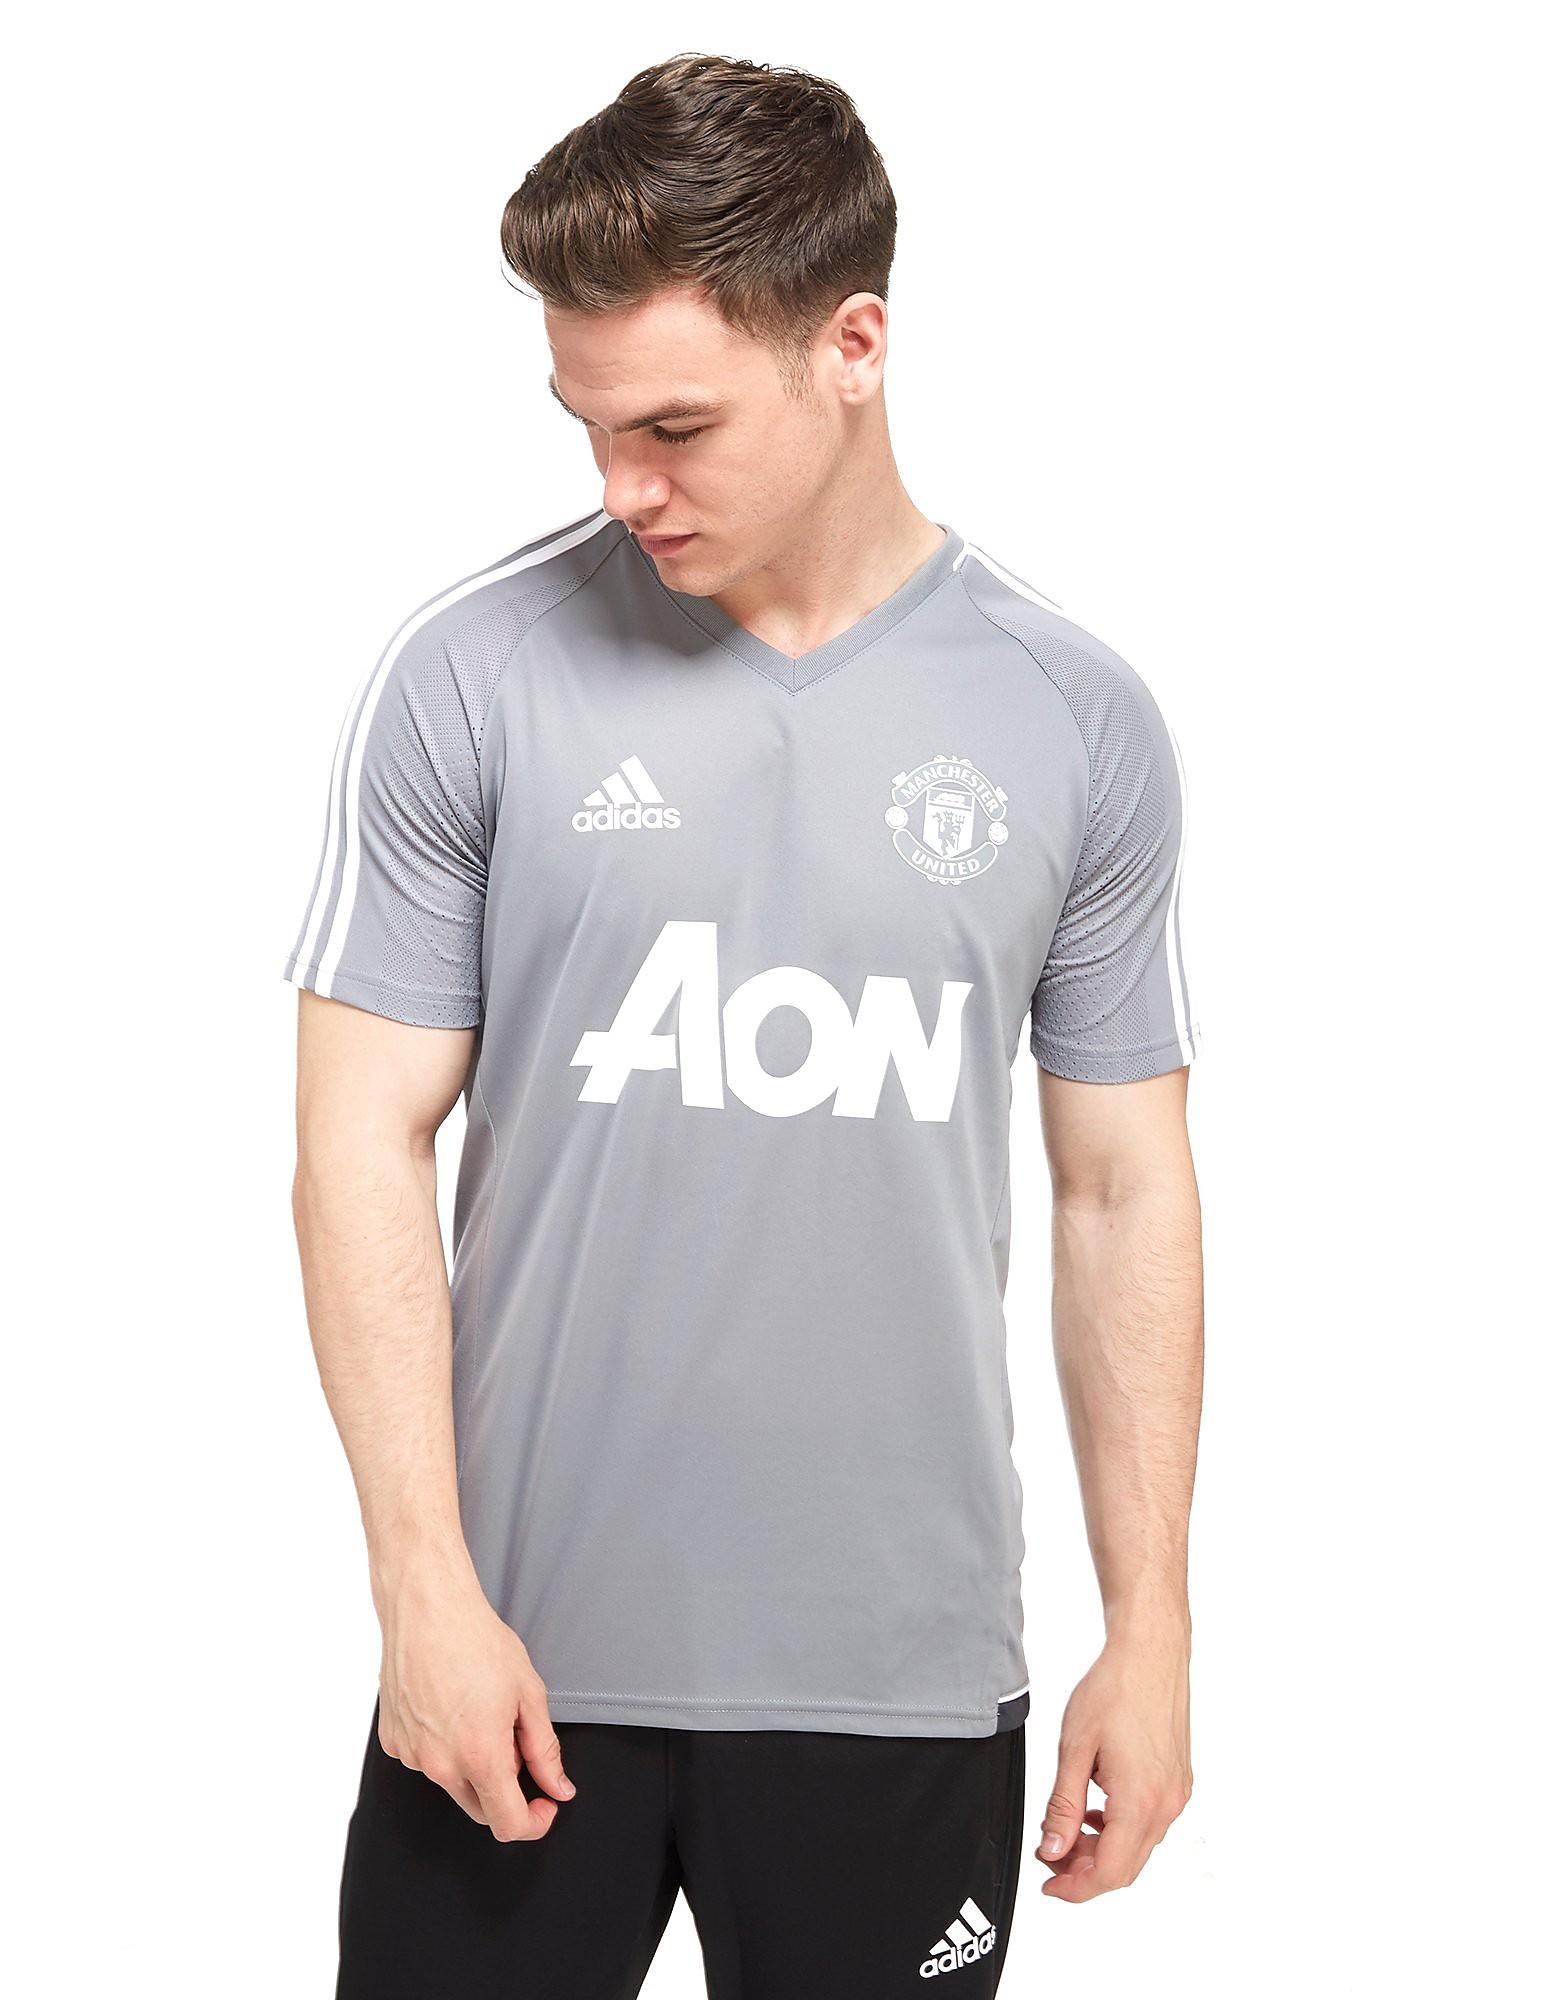 adidas Manchester United 2017 Training Shirt